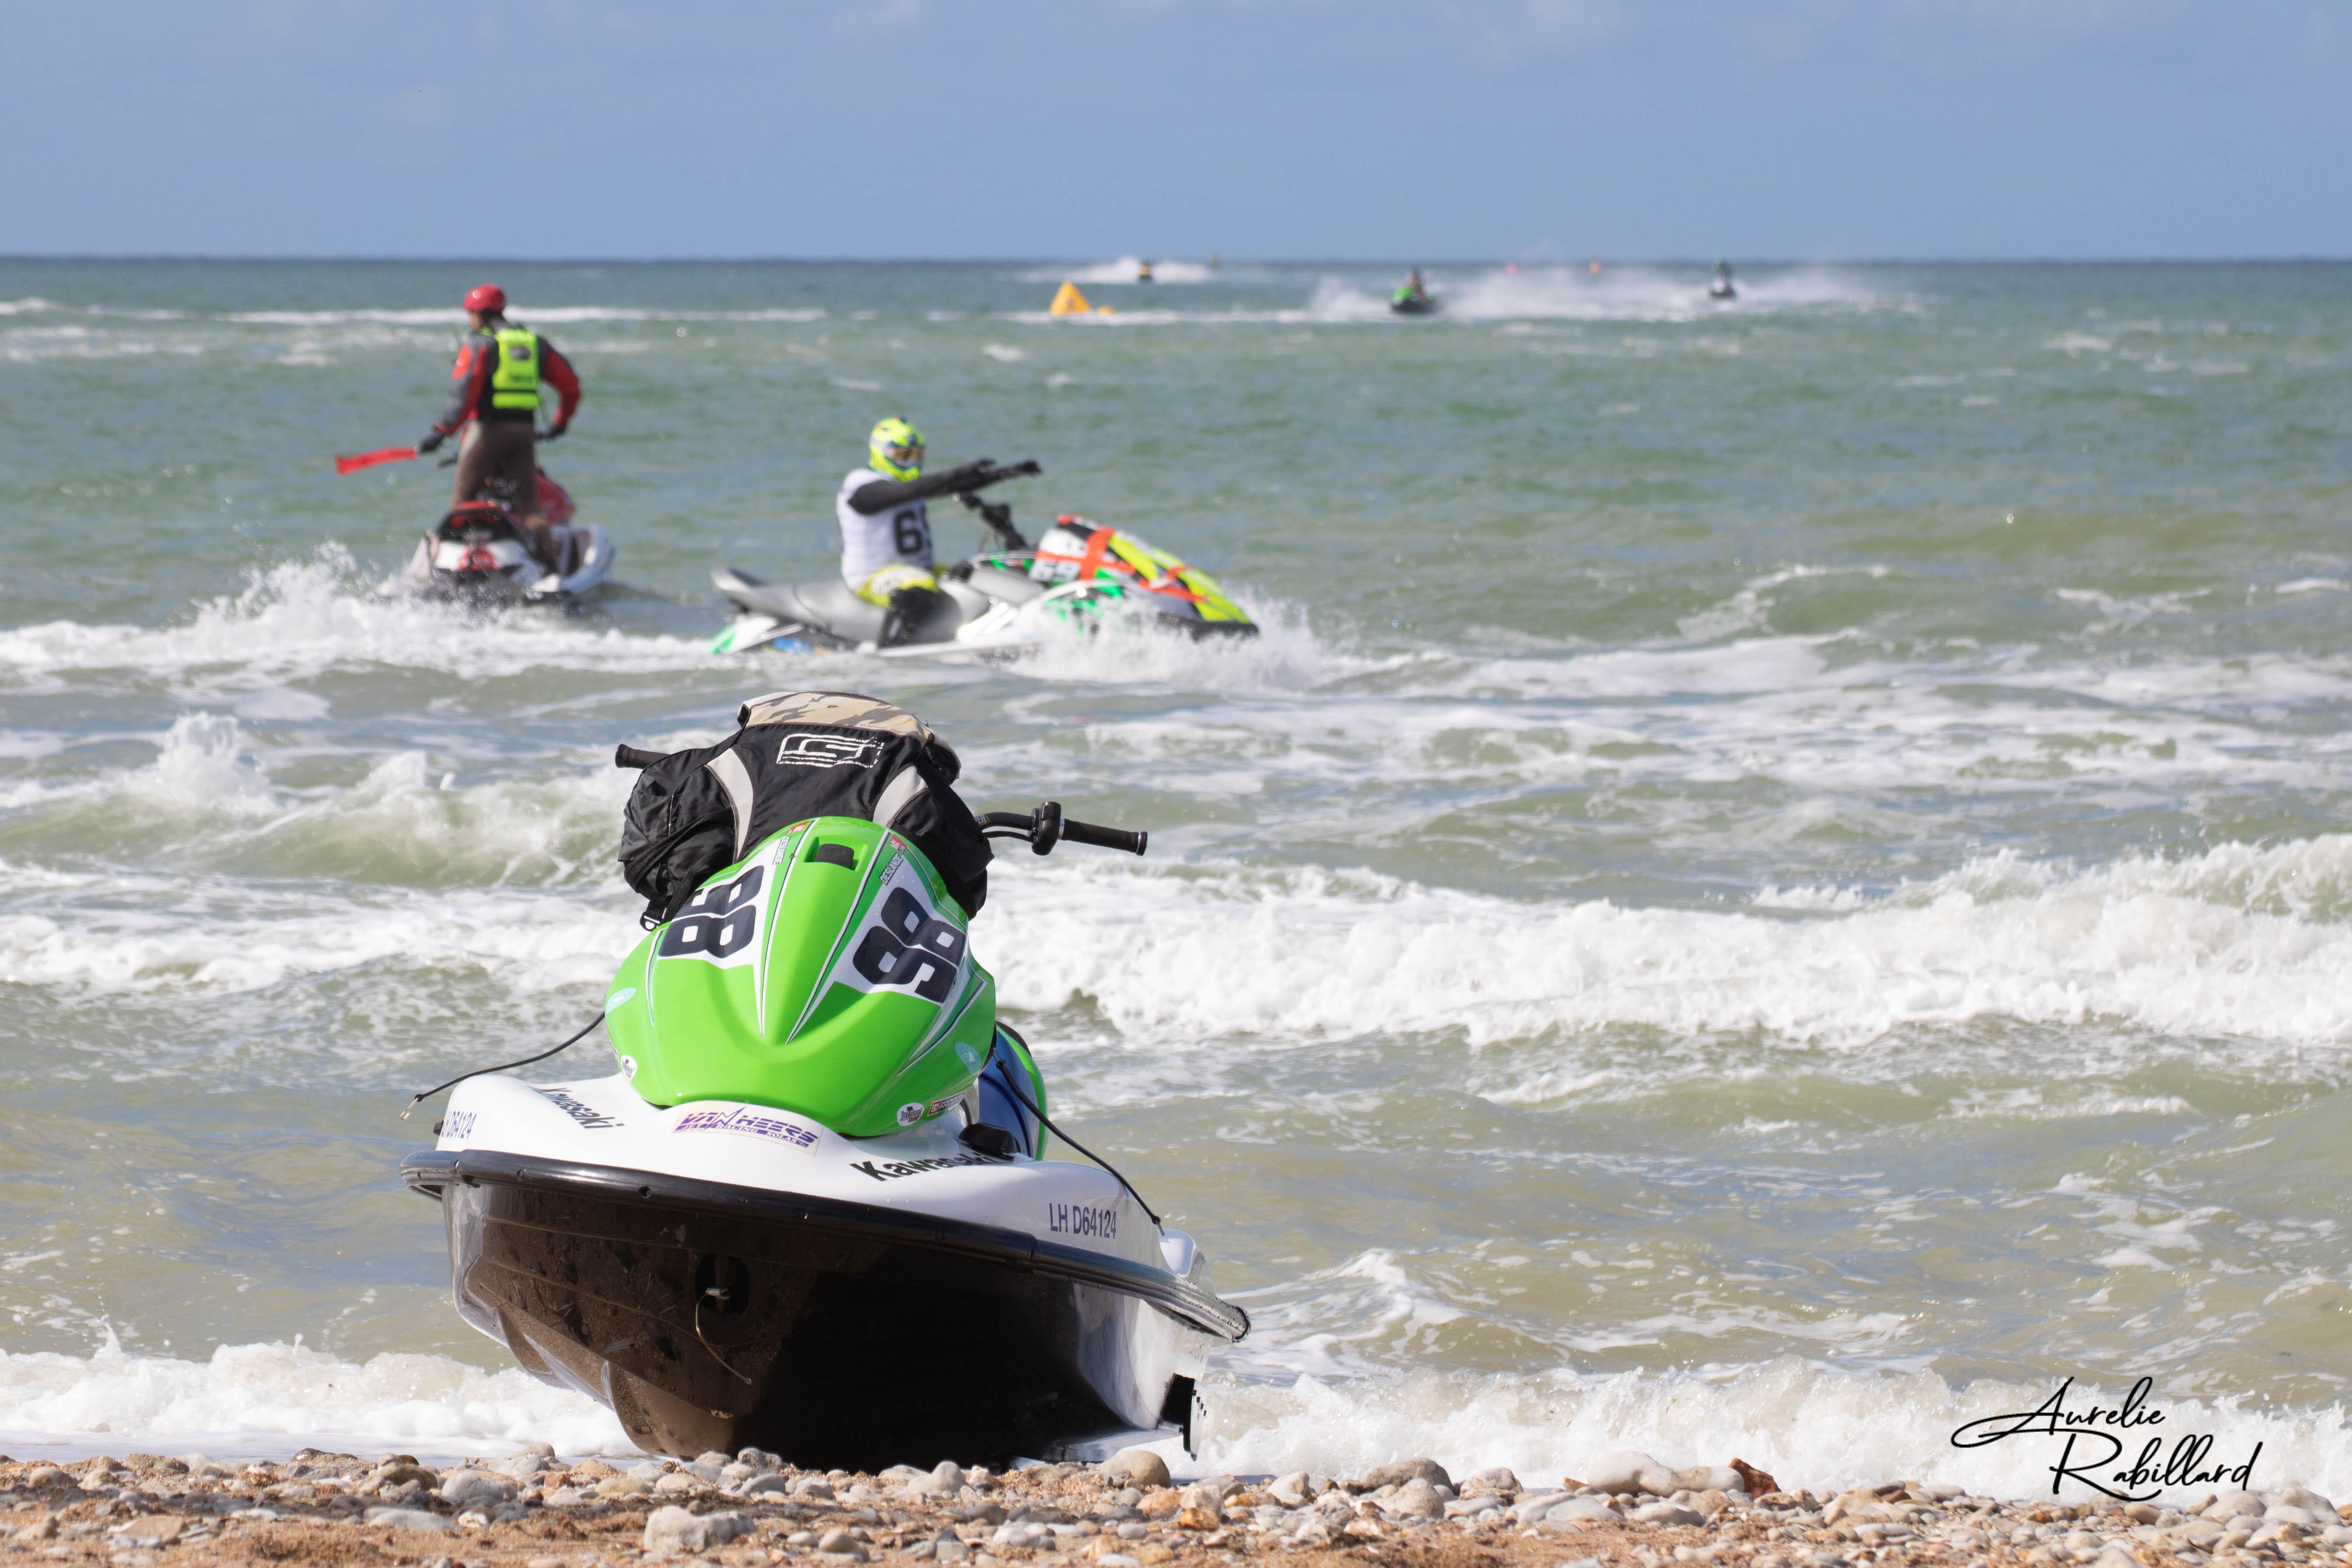 Championnat grand ouest de jet ski 2020 à villers sur mer (calvados 14)ur mer championnat une motoma